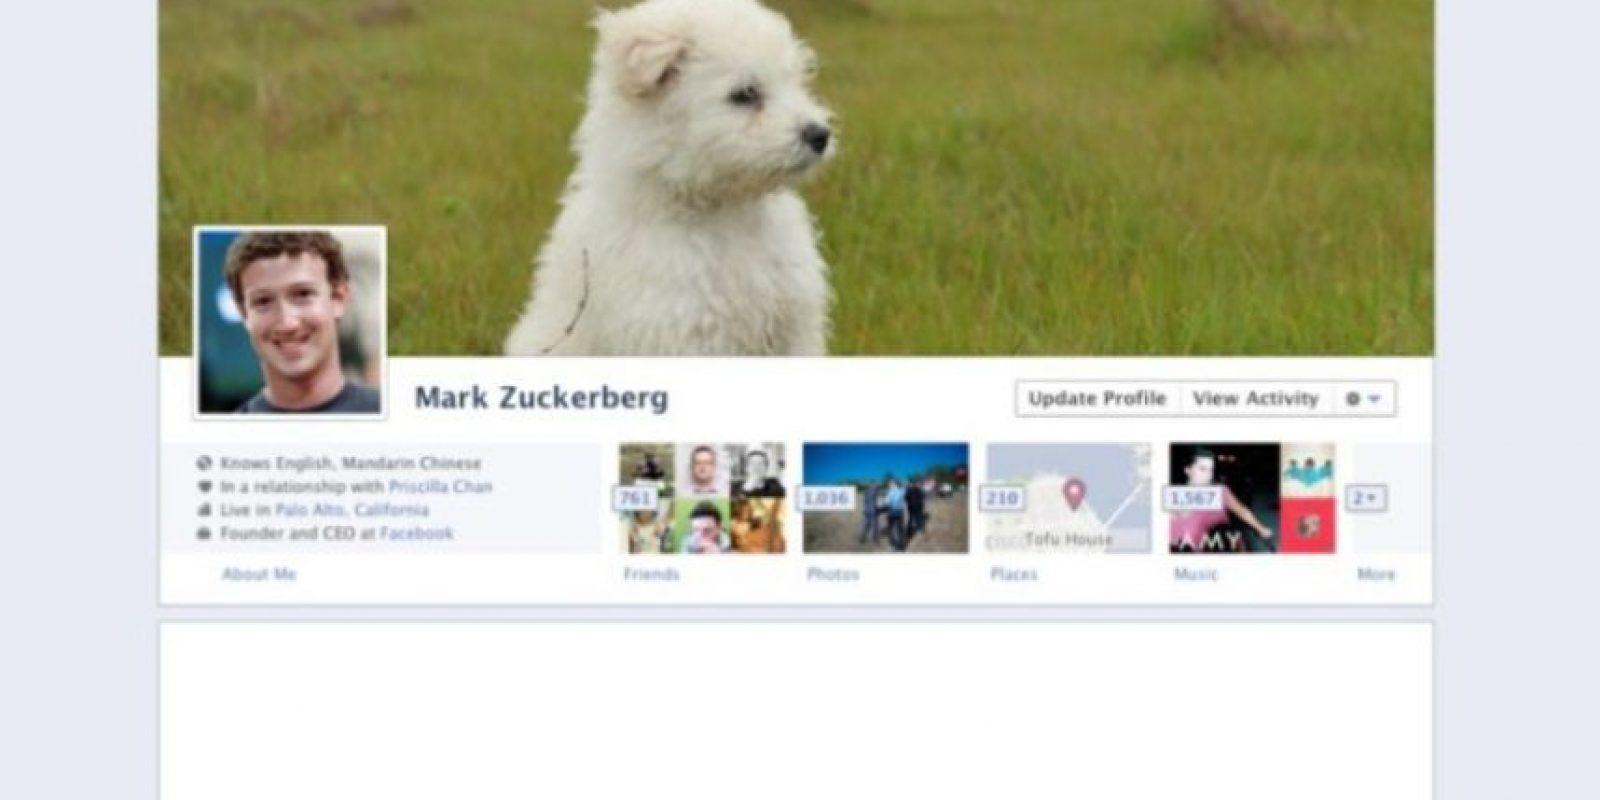 2011. El creador de Facebook se da cuenta que a los usuarios les encantan las imágenes y aparecen en diferentes formas. Foto:Facebook.com